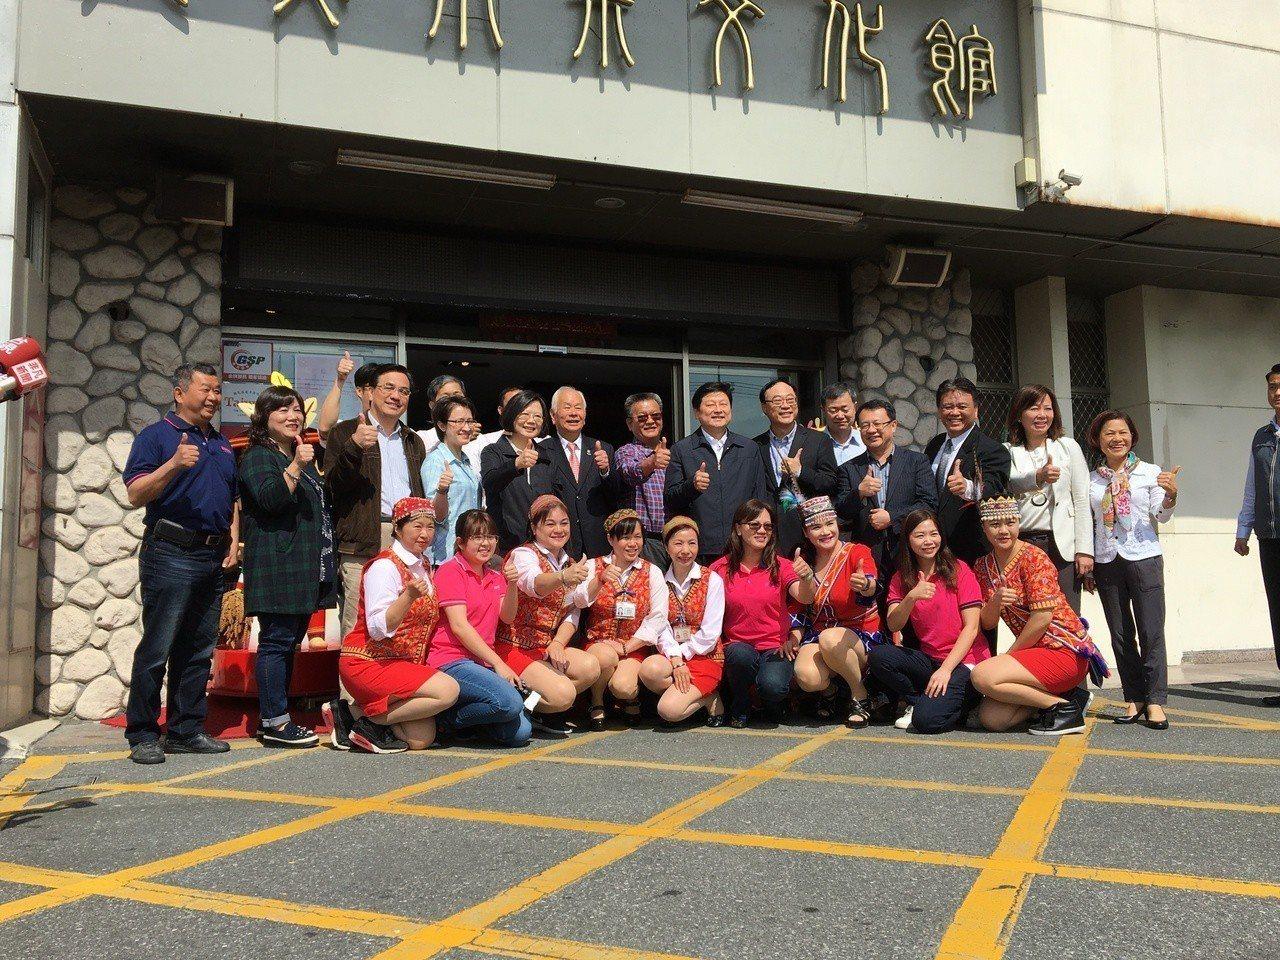 蔡英文總統花蓮行,首站來到位於吉安鄉的知名麻糬店。記者周佑政/攝影